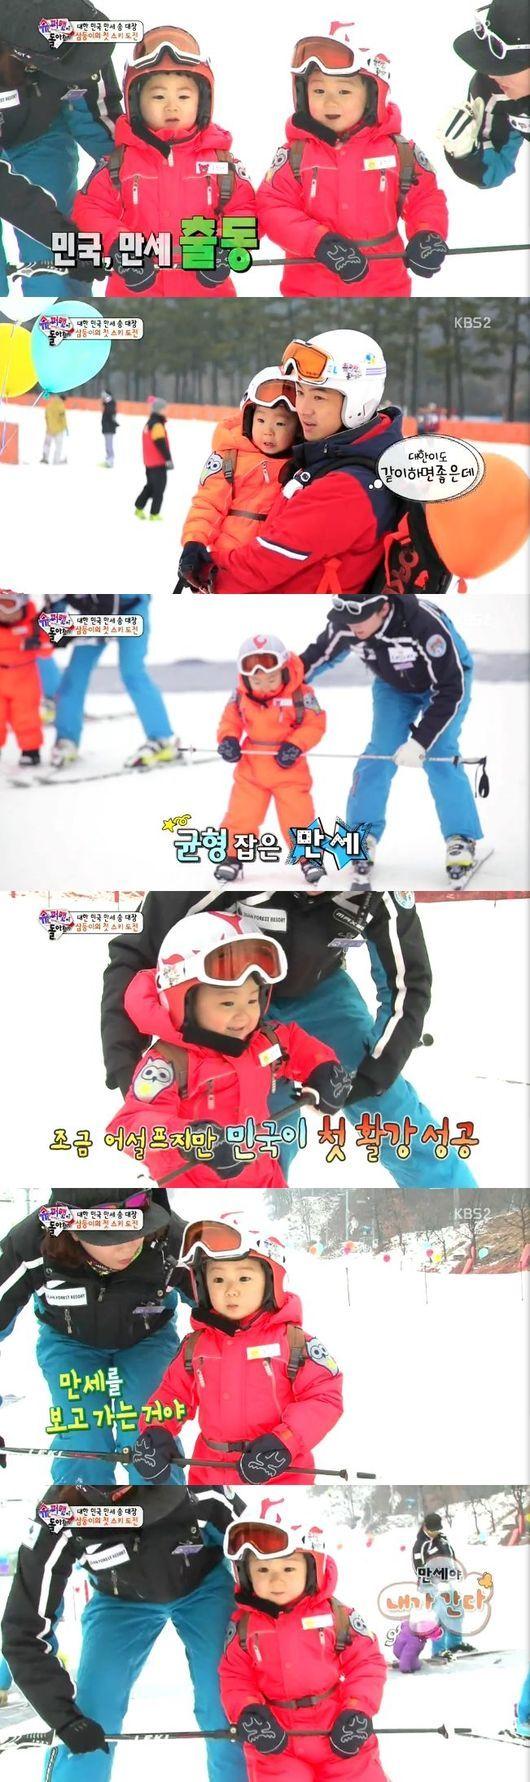 スキー訓練2